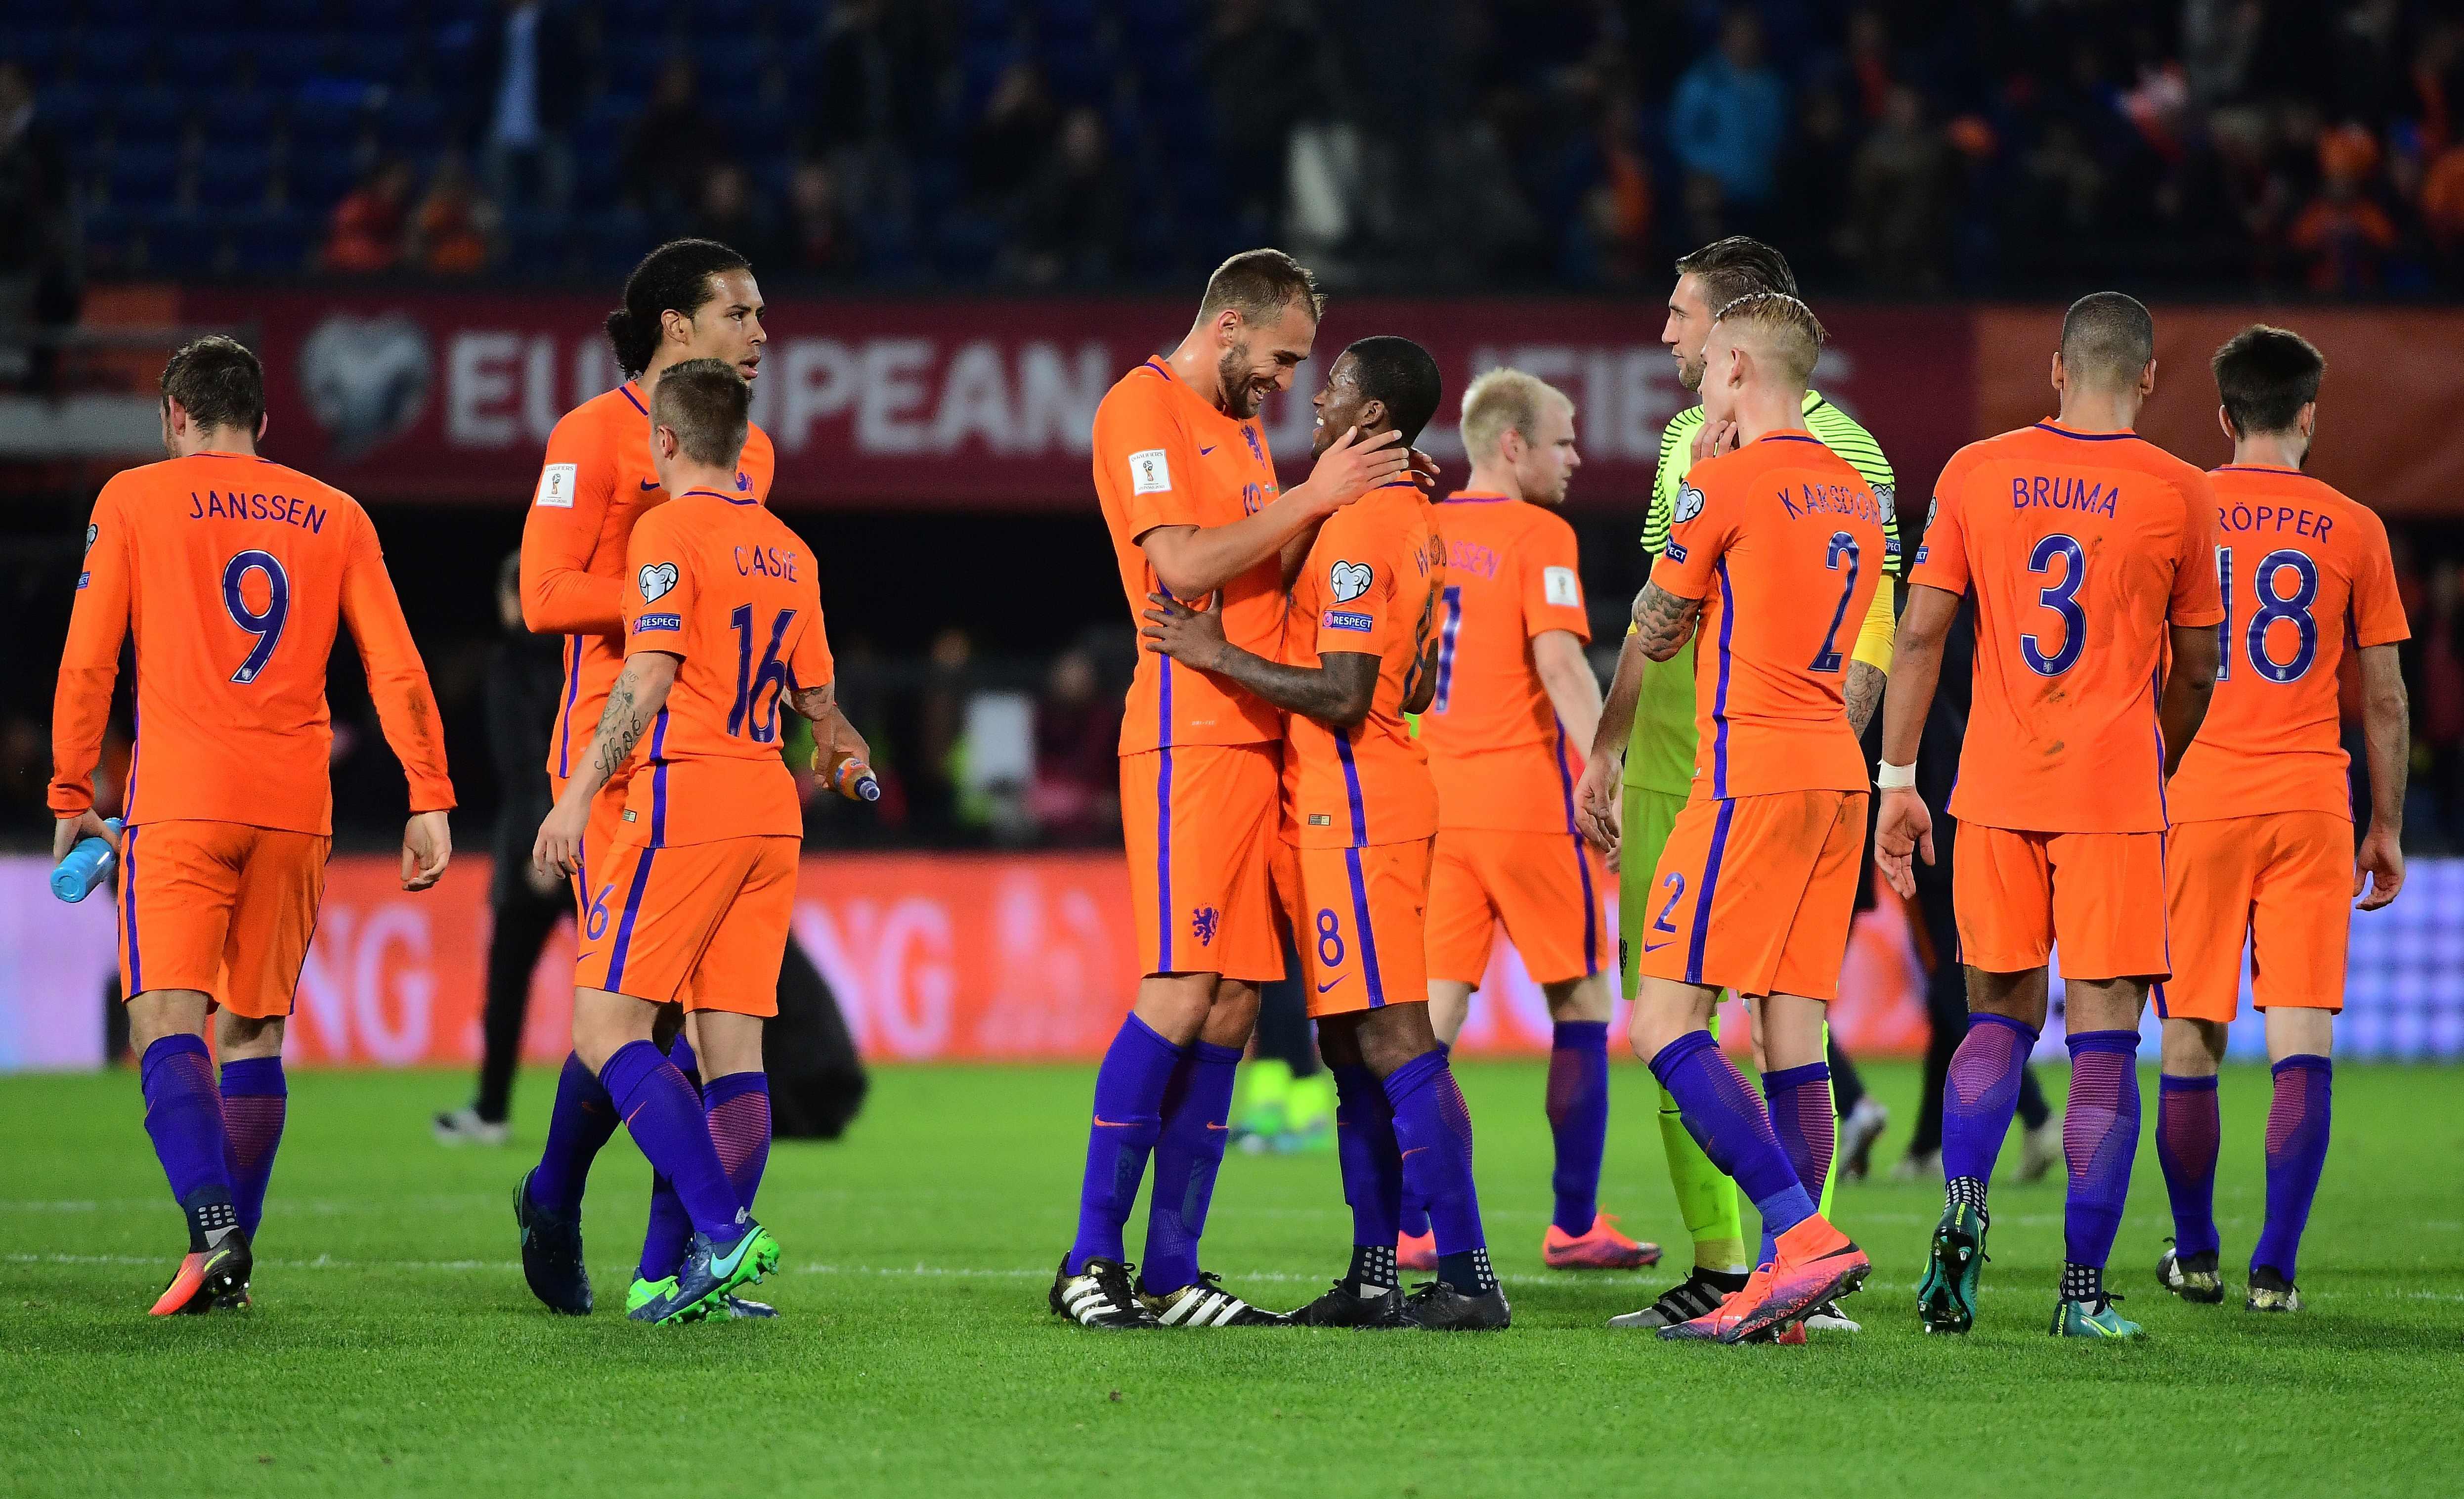 荷兰队球员在比赛后庆祝胜利